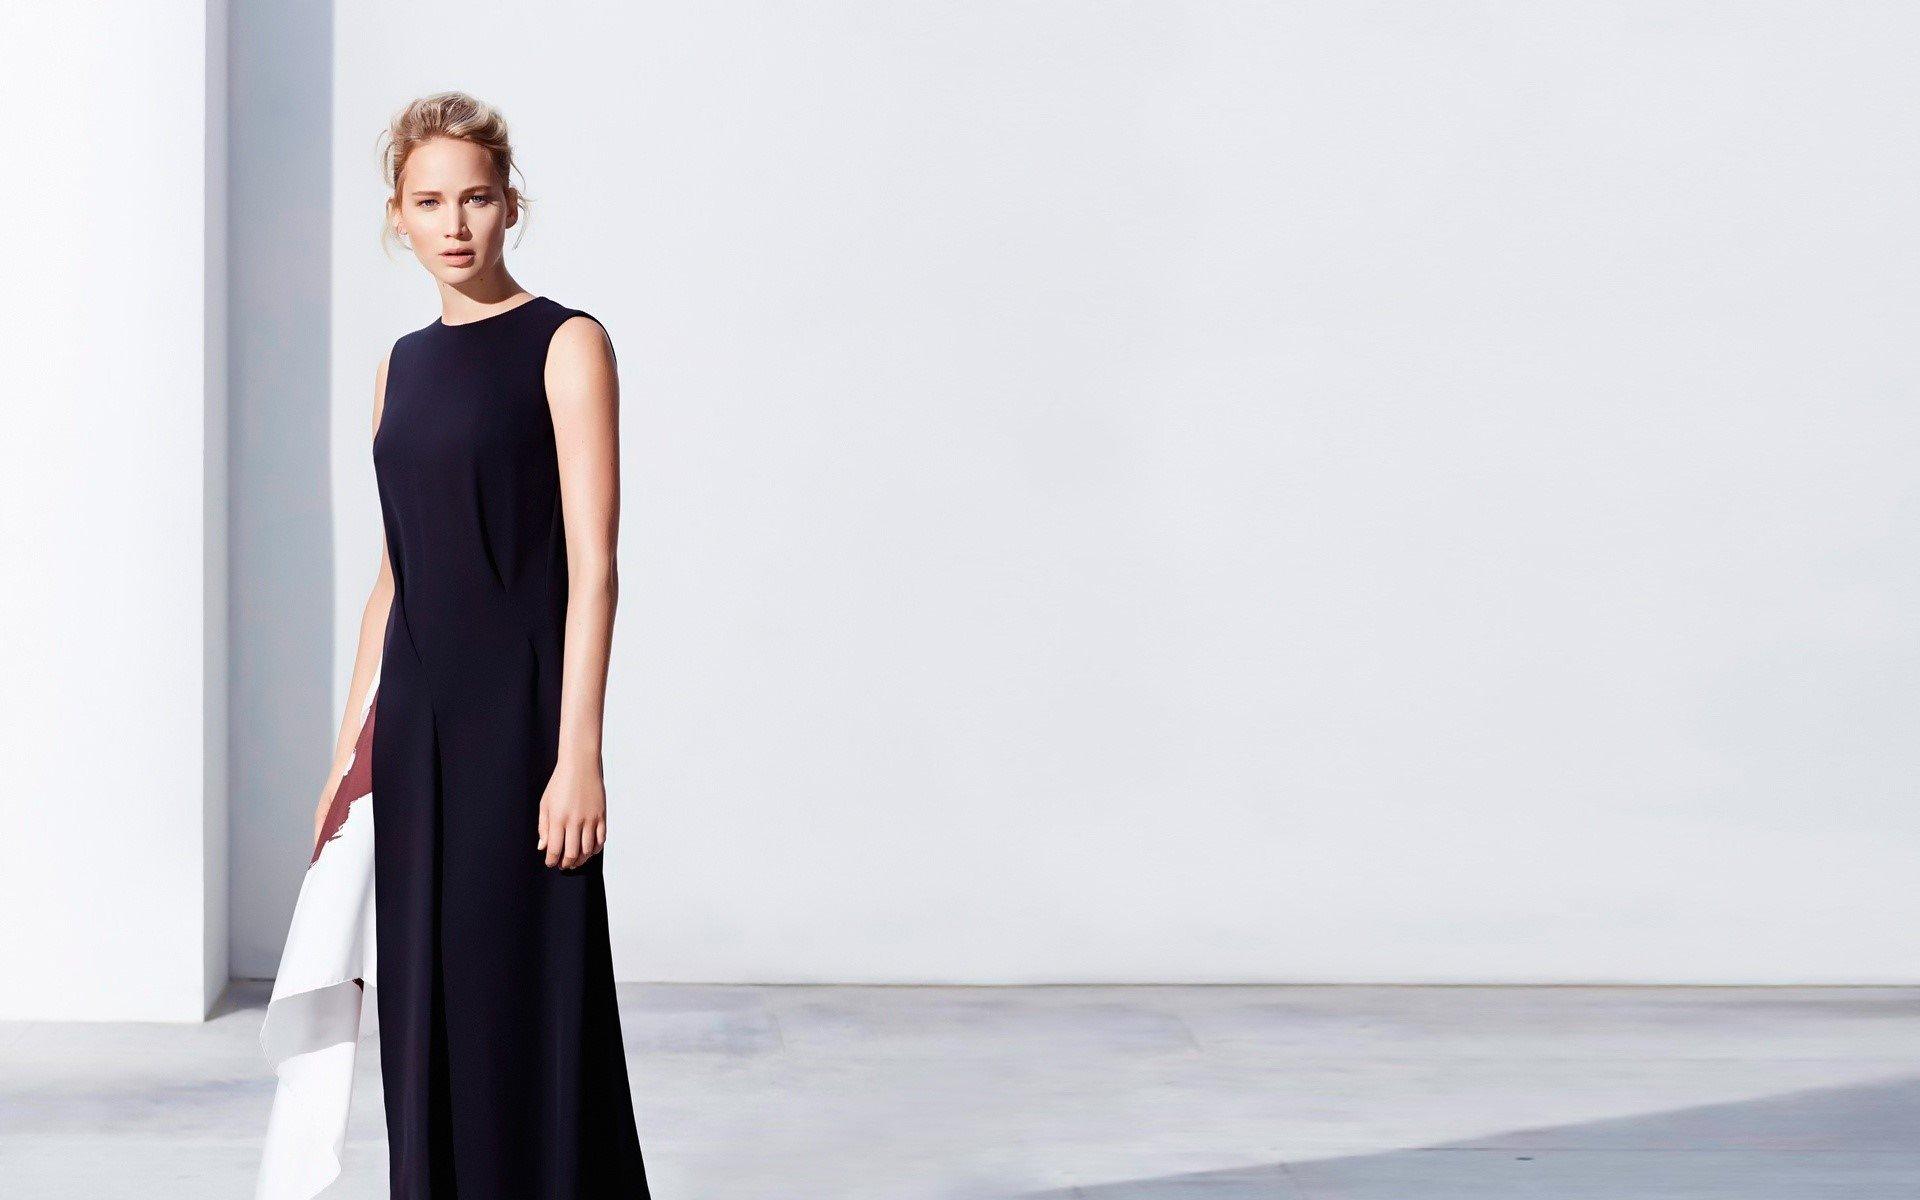 Fondo de pantalla de Jennifer Lawrene con un vestido negro Imágenes